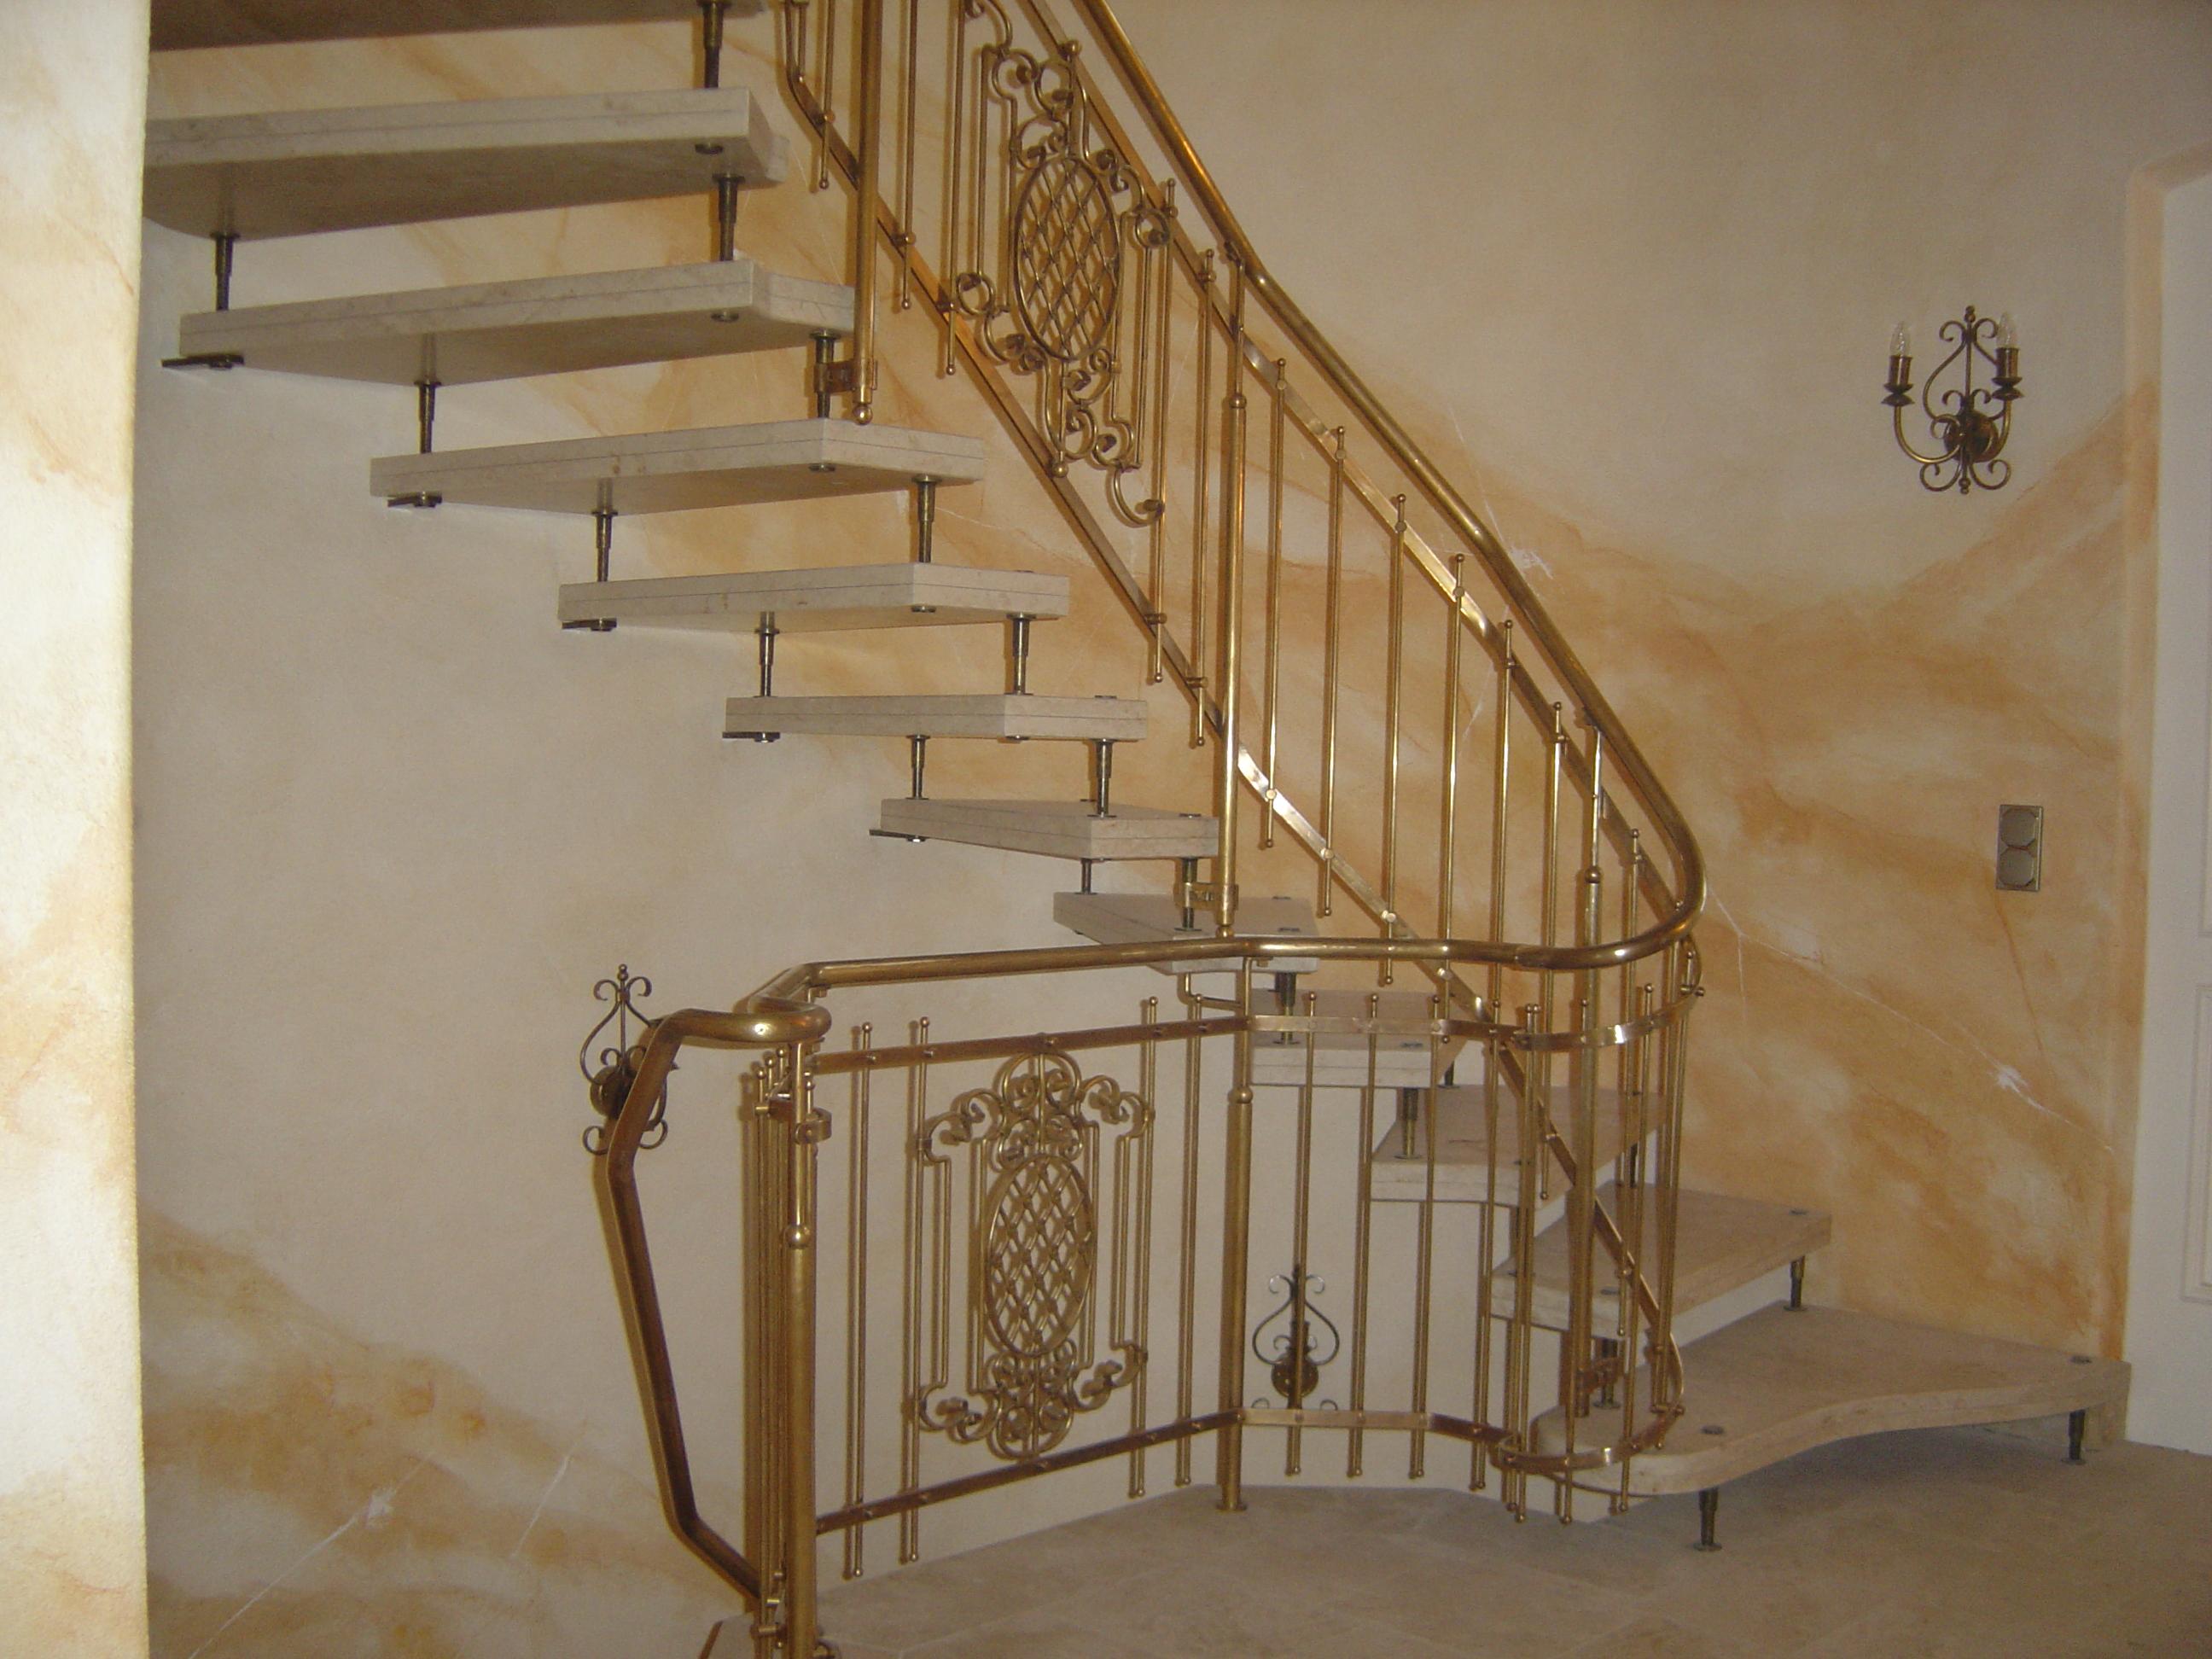 Treppengeländer_04